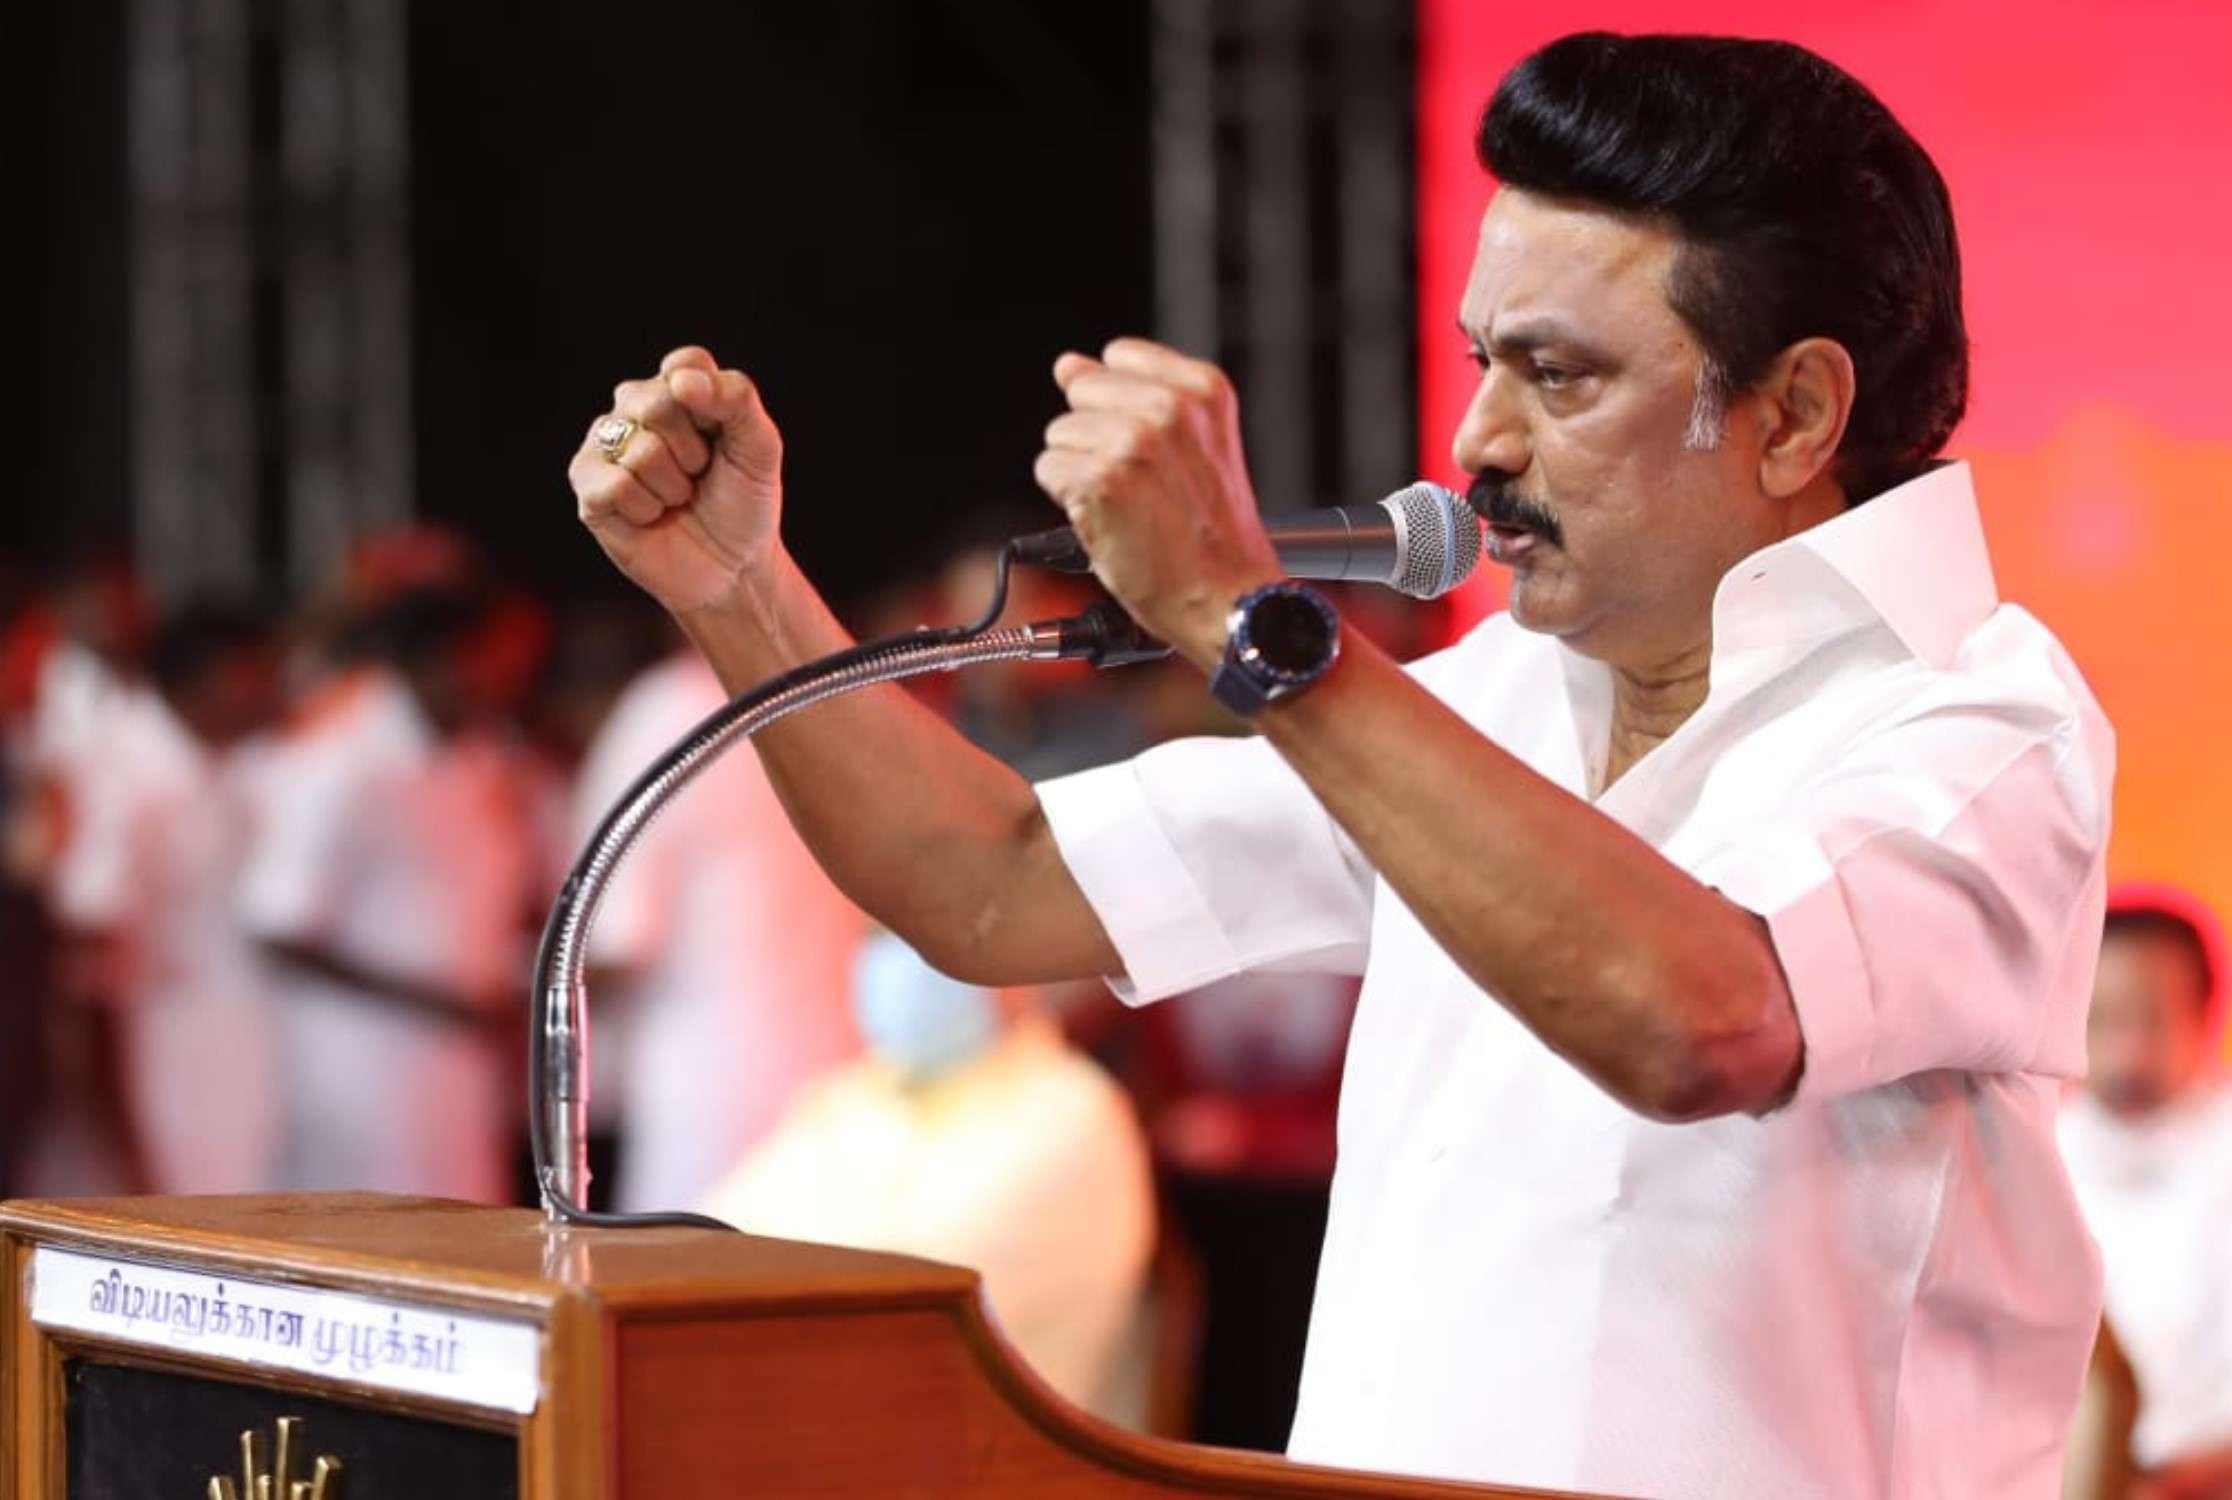 Updates : தமிழ்நாடு 2021! திமுக கூட்டணி 71 தொகுதிகளில் வெற்றி 88 இடங்களில் முன்னிலை